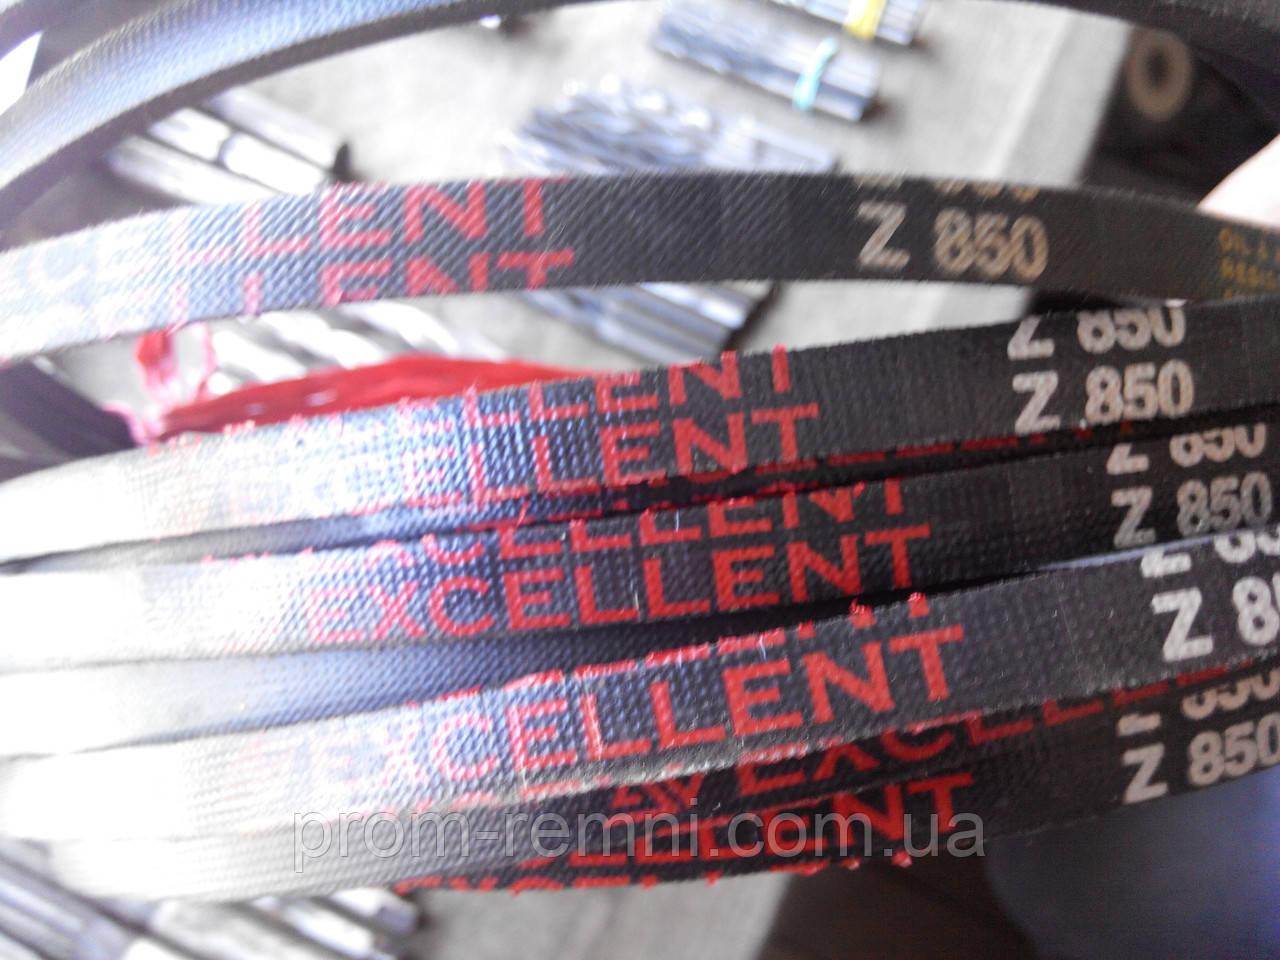 Приводной клиновой ремень Z(0)-850 Excellent, 850мм